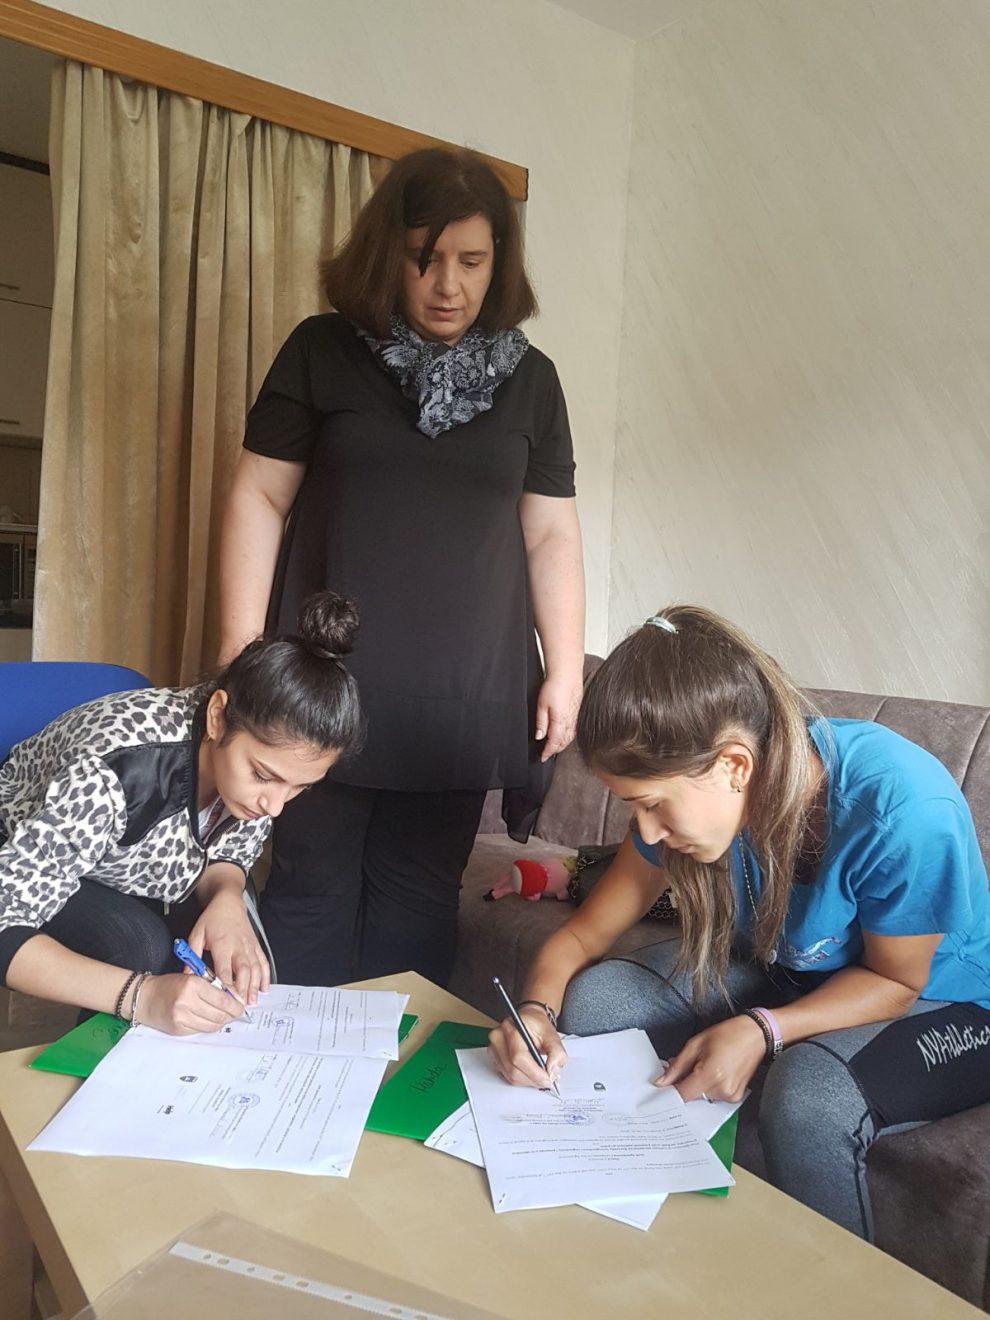 Romkinje tokom potpisivanja ugovora za obuku (Fotografija: Help)